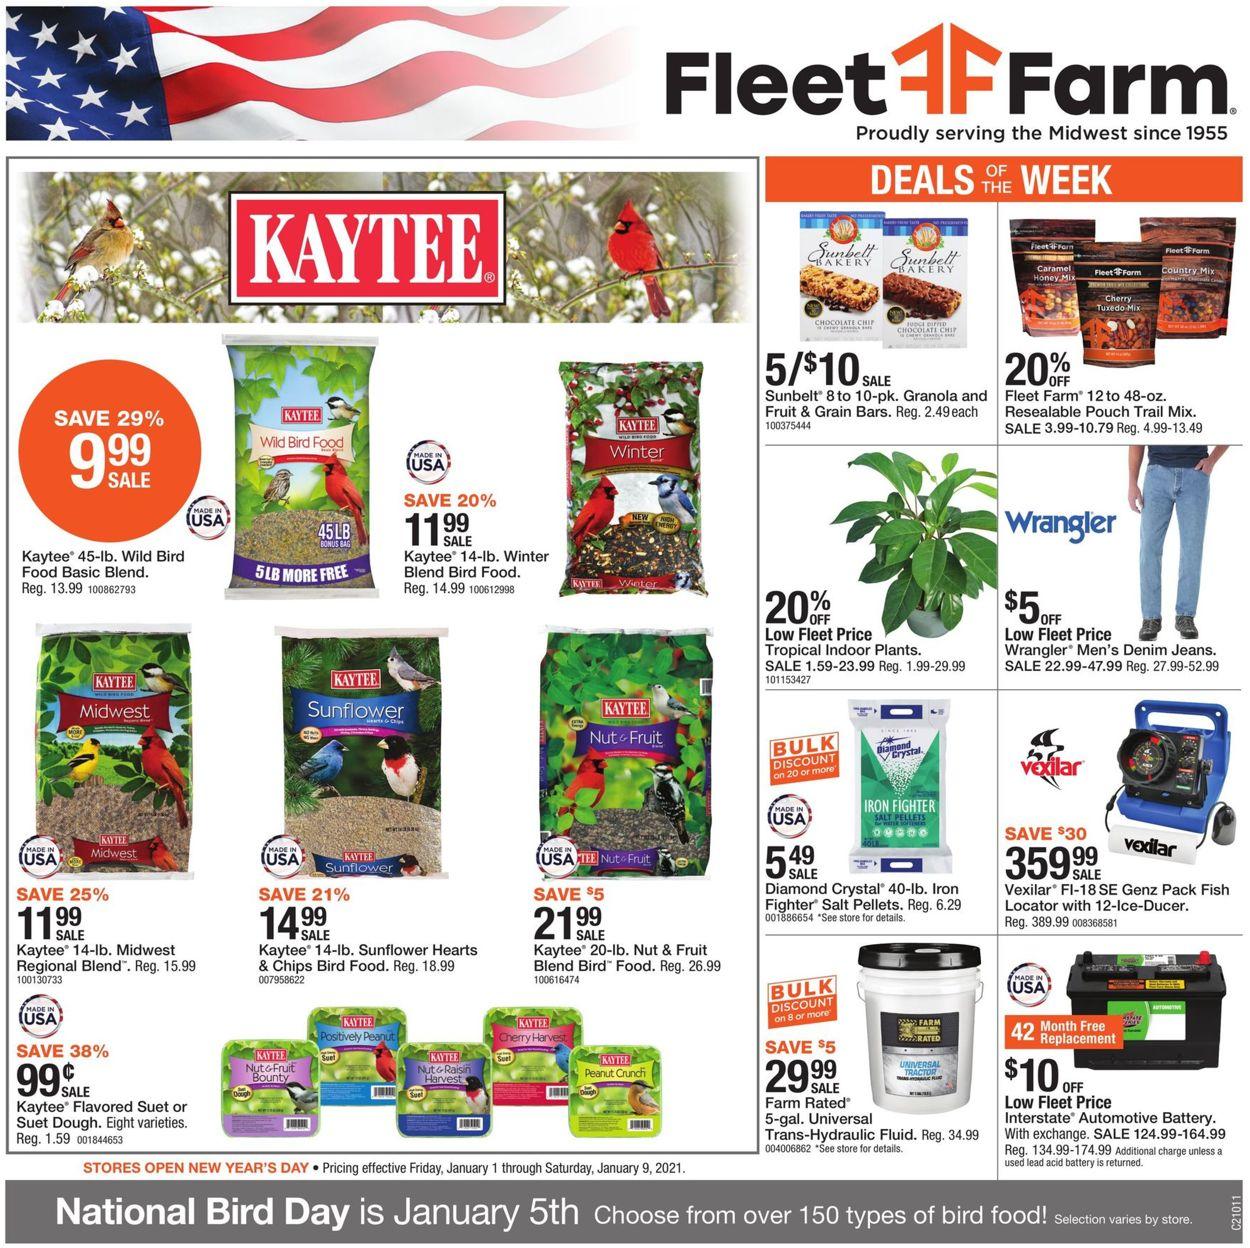 Mills Fleet Farm Weekly Ad Circular - valid 01/01-01/09/2021